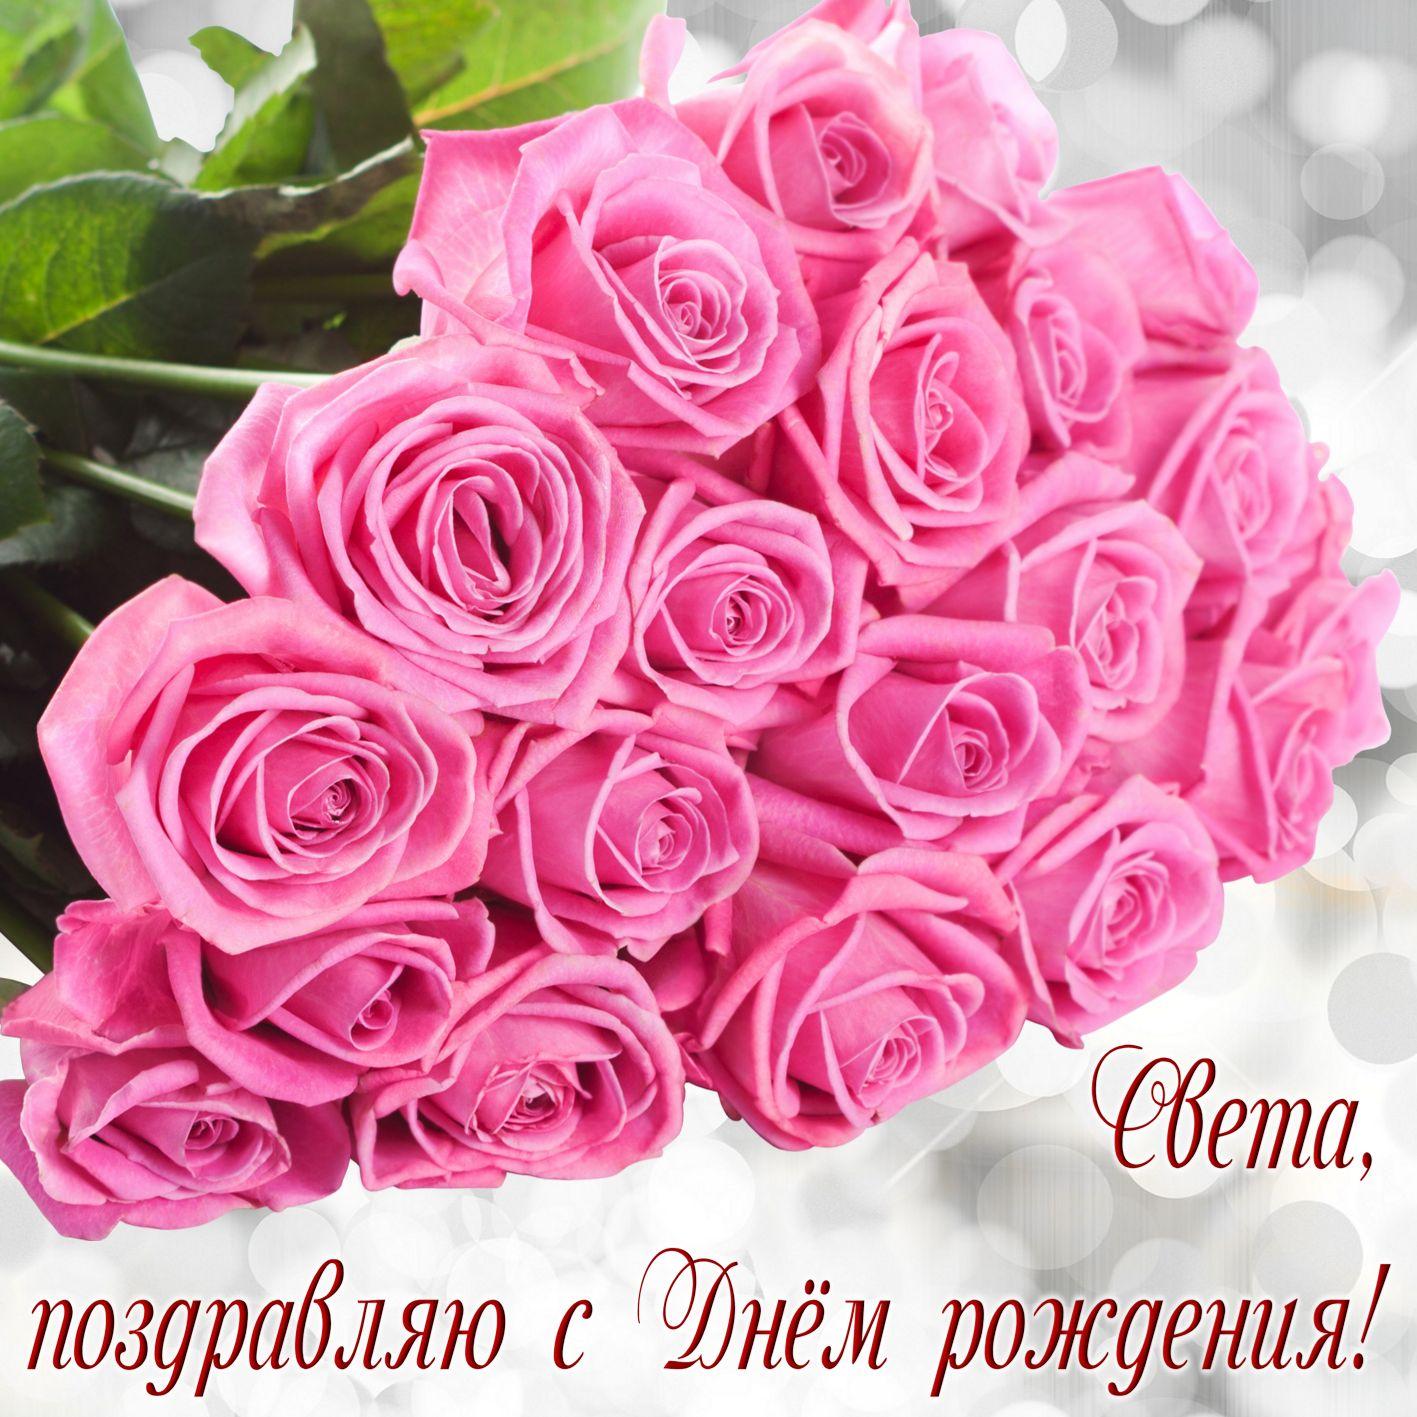 Огромный букет розовых роз для Светы